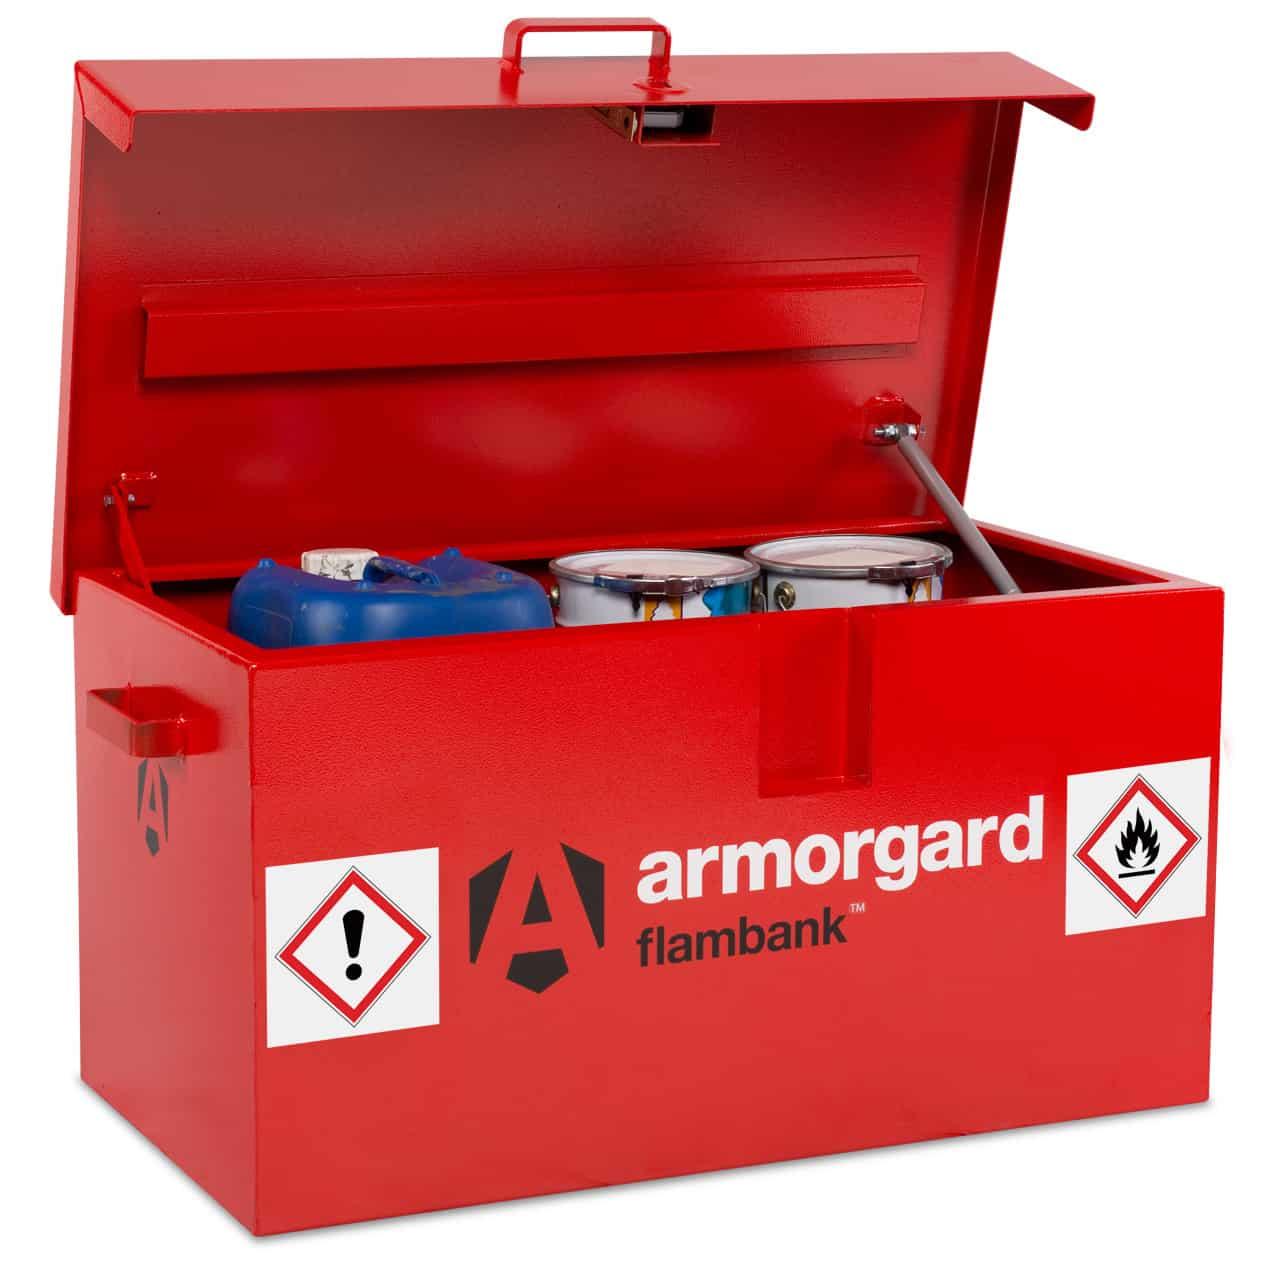 FB1 Armorgard Flambank Vault